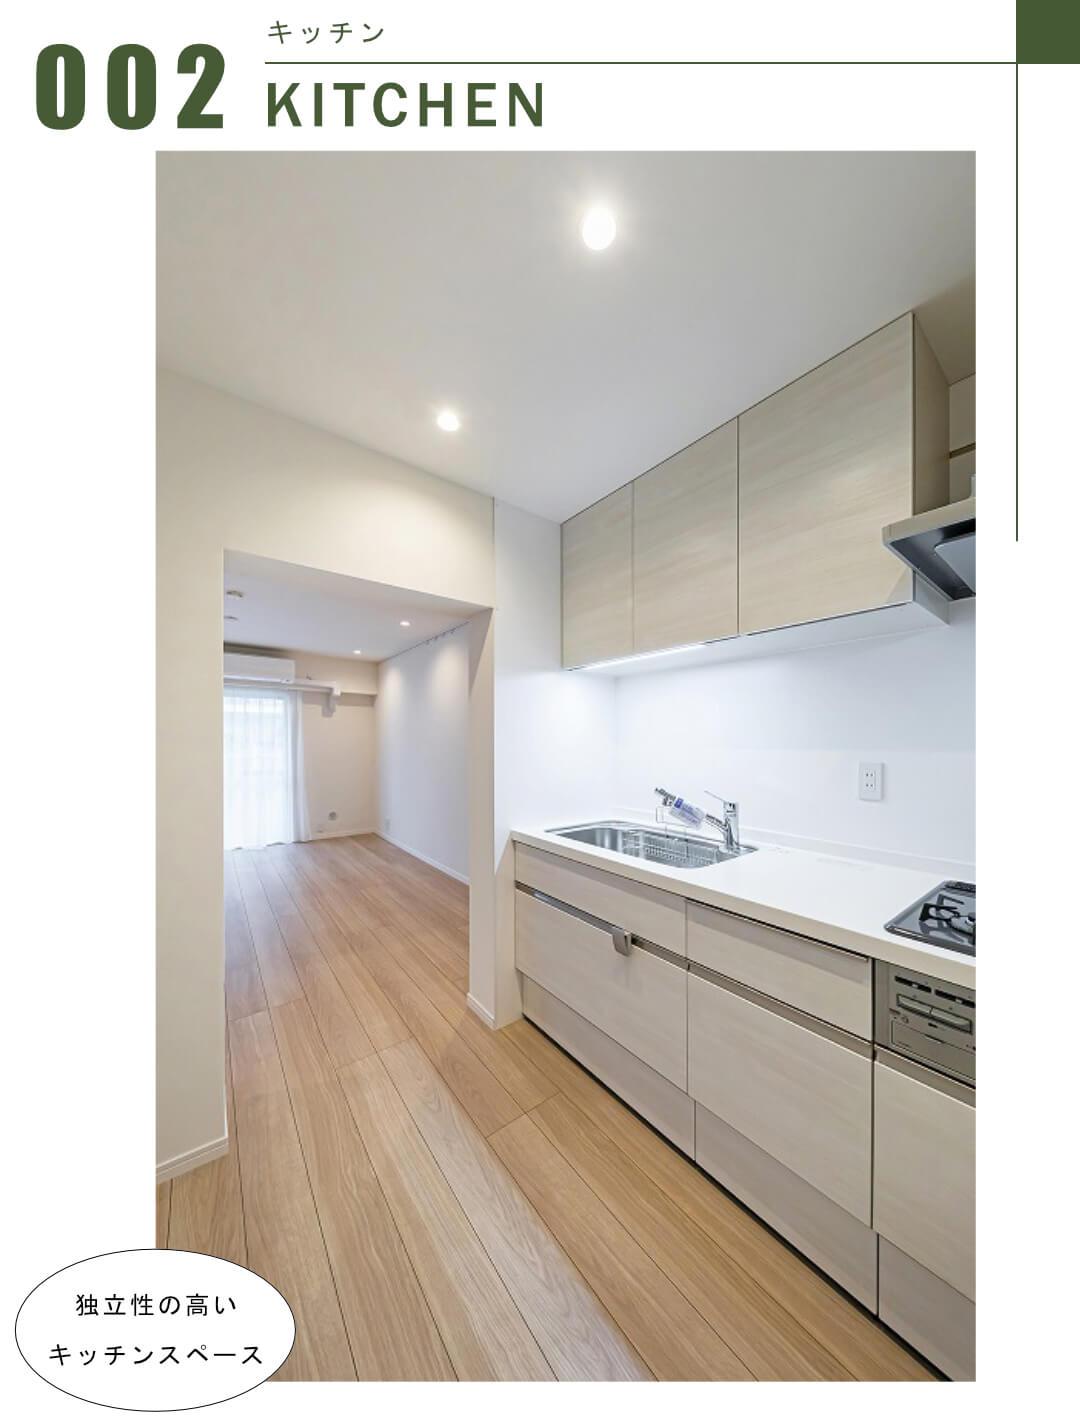 ユニーブル成増 A-103号室のキッチン